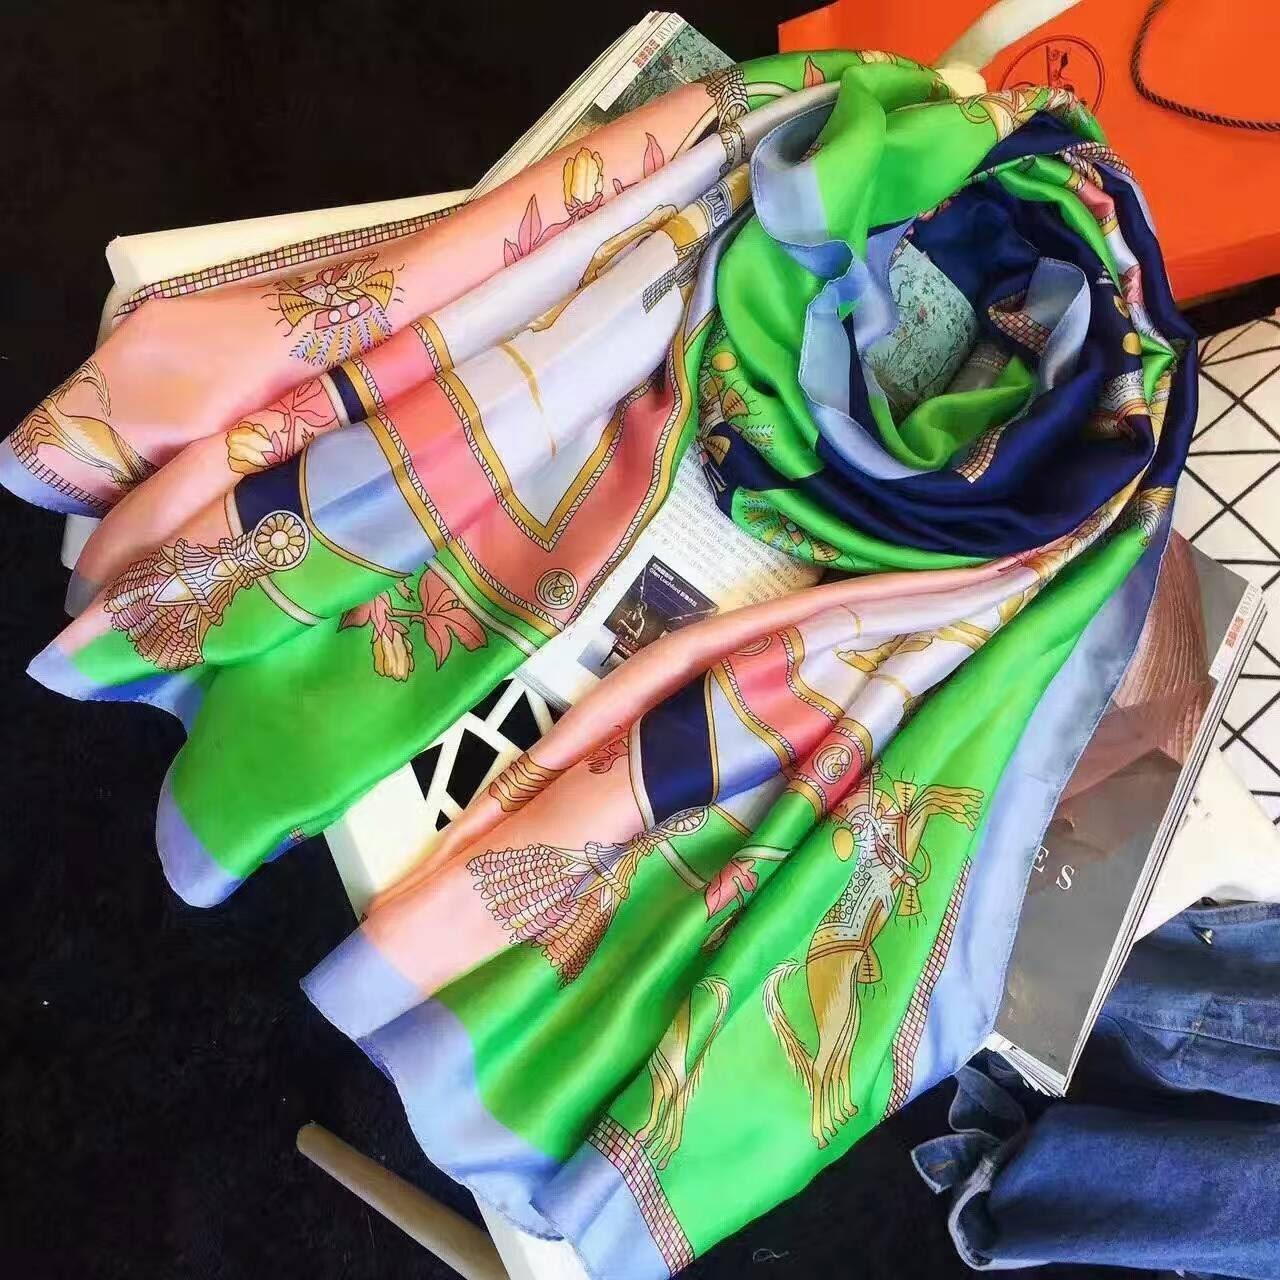 d694fe243282 Большой платок палантин HERMES легкий шелковый - Интернет-магазин